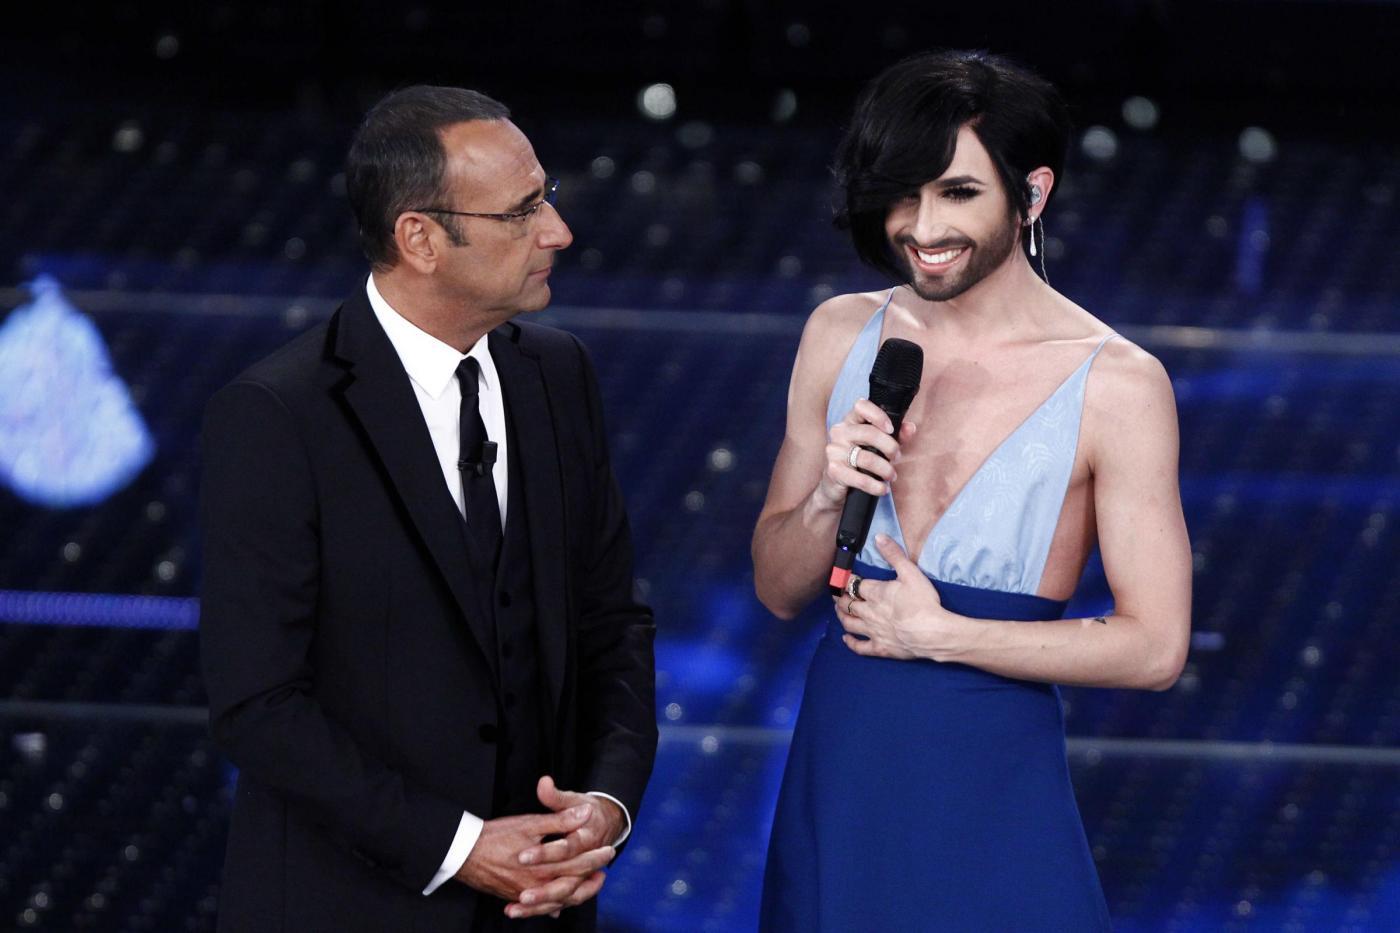 Carlo Conti a Sanremo 2015: le scuse a Conchita Wurst continuano a far discutere